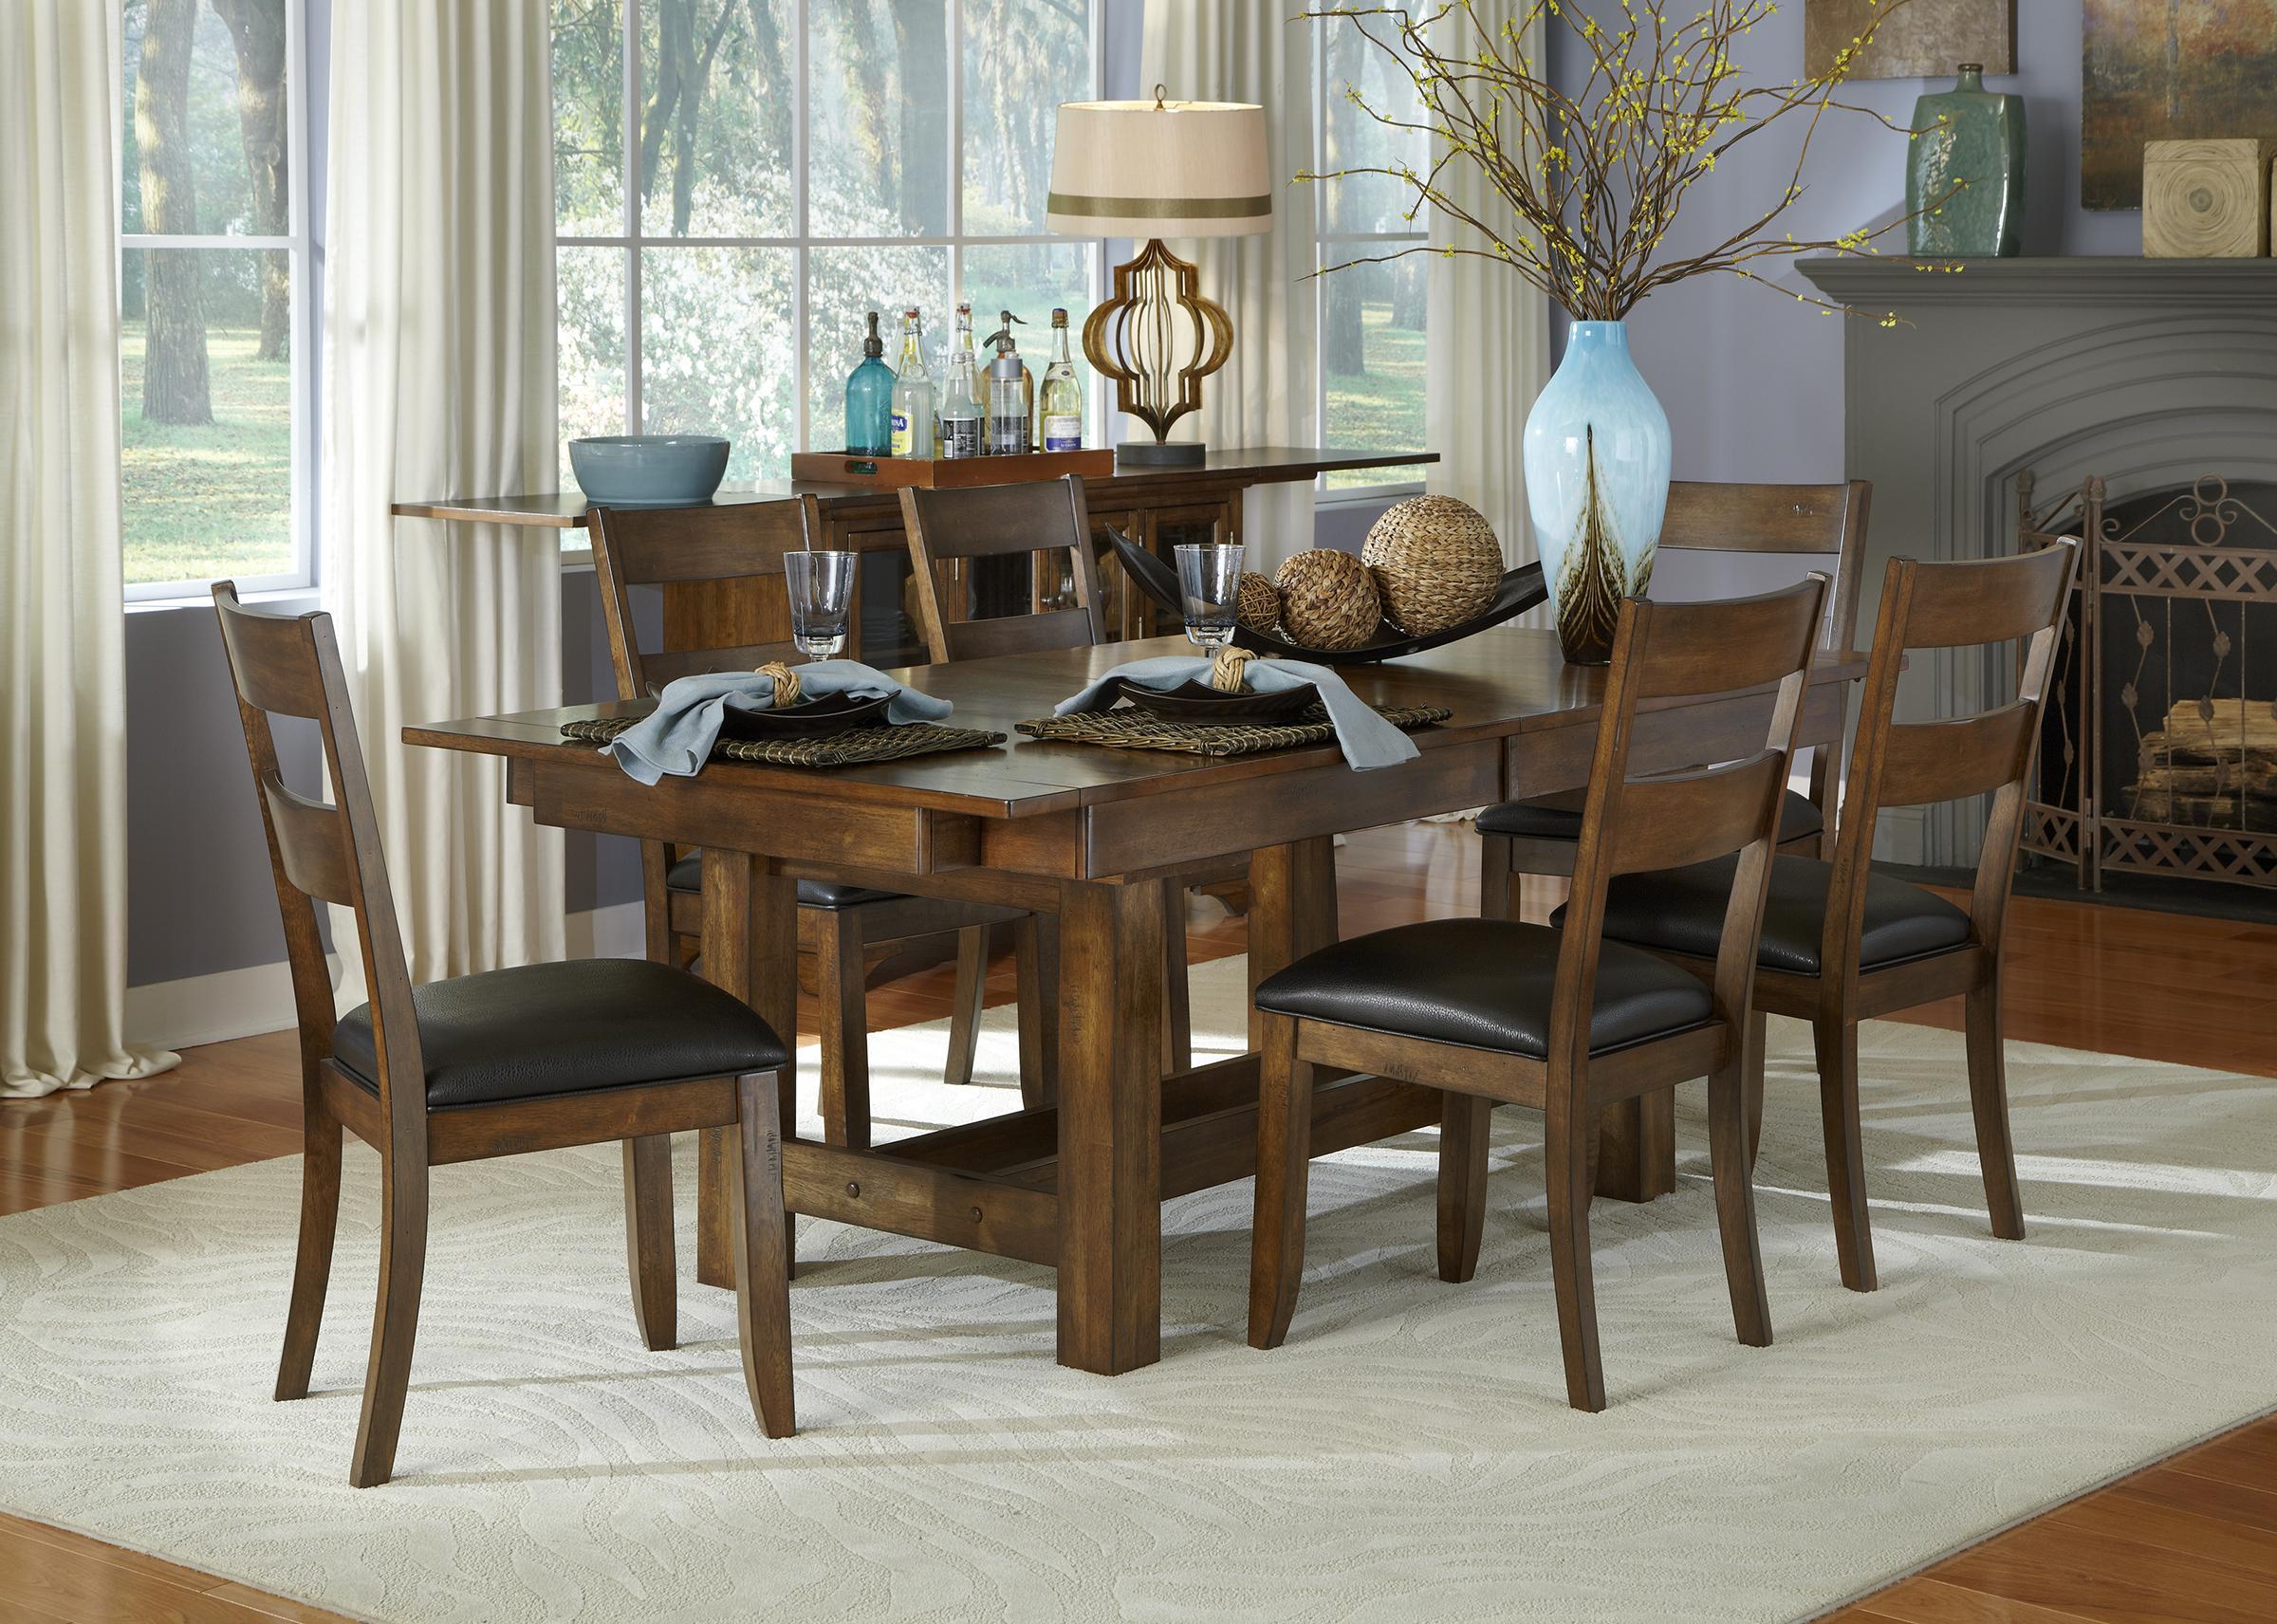 Amazing Trestle Table